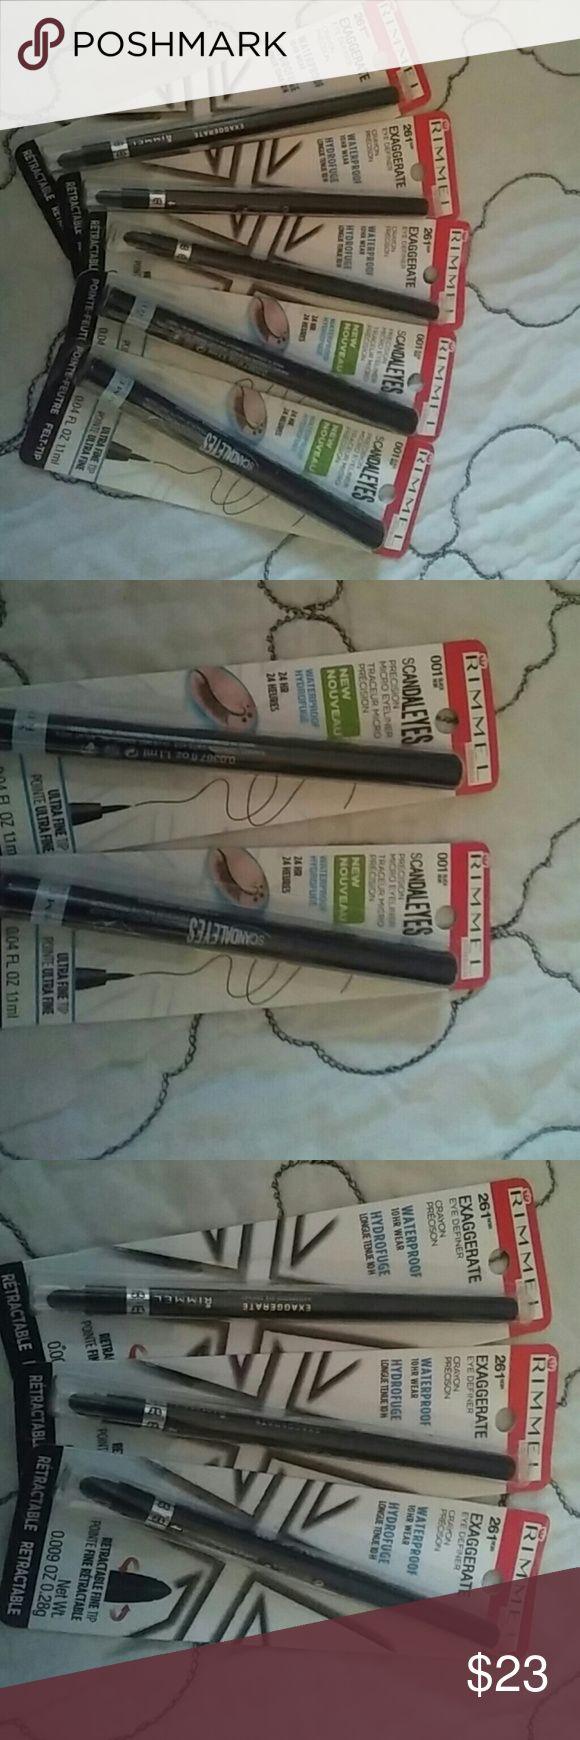 RIMMEL eyeliner 3 black noir waterproof retractable fine tip EXAGGERATE eyeliner and 2 ultra fine tip percision SCANDLE EYES waterproof eyeliners Makeup Eyeliner